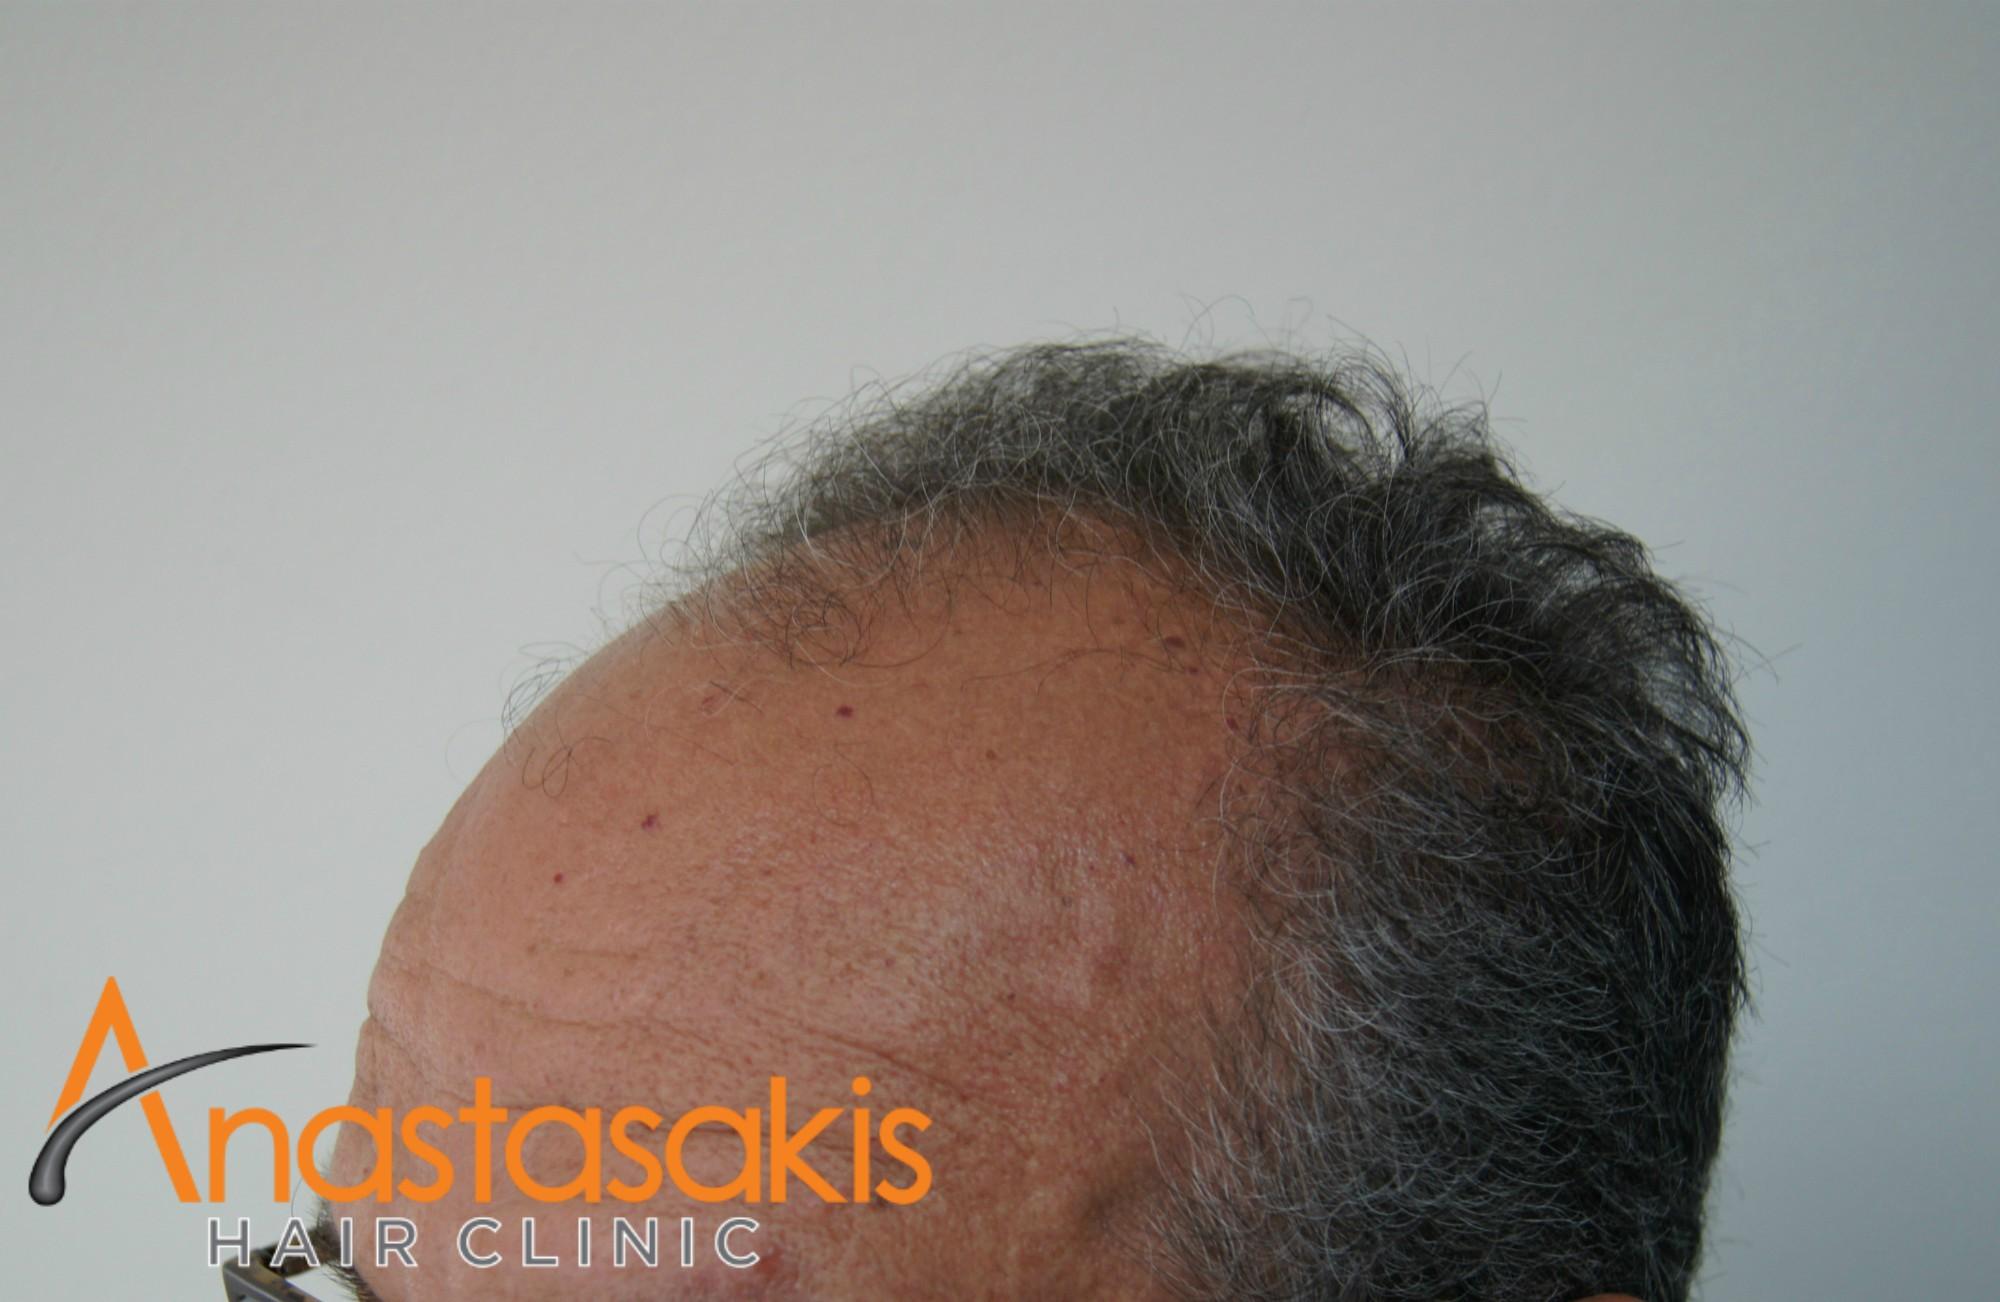 αριστερο προφιλ ασθενους πριν τη μεταμοσχευση μαλλιων με 3200 fus